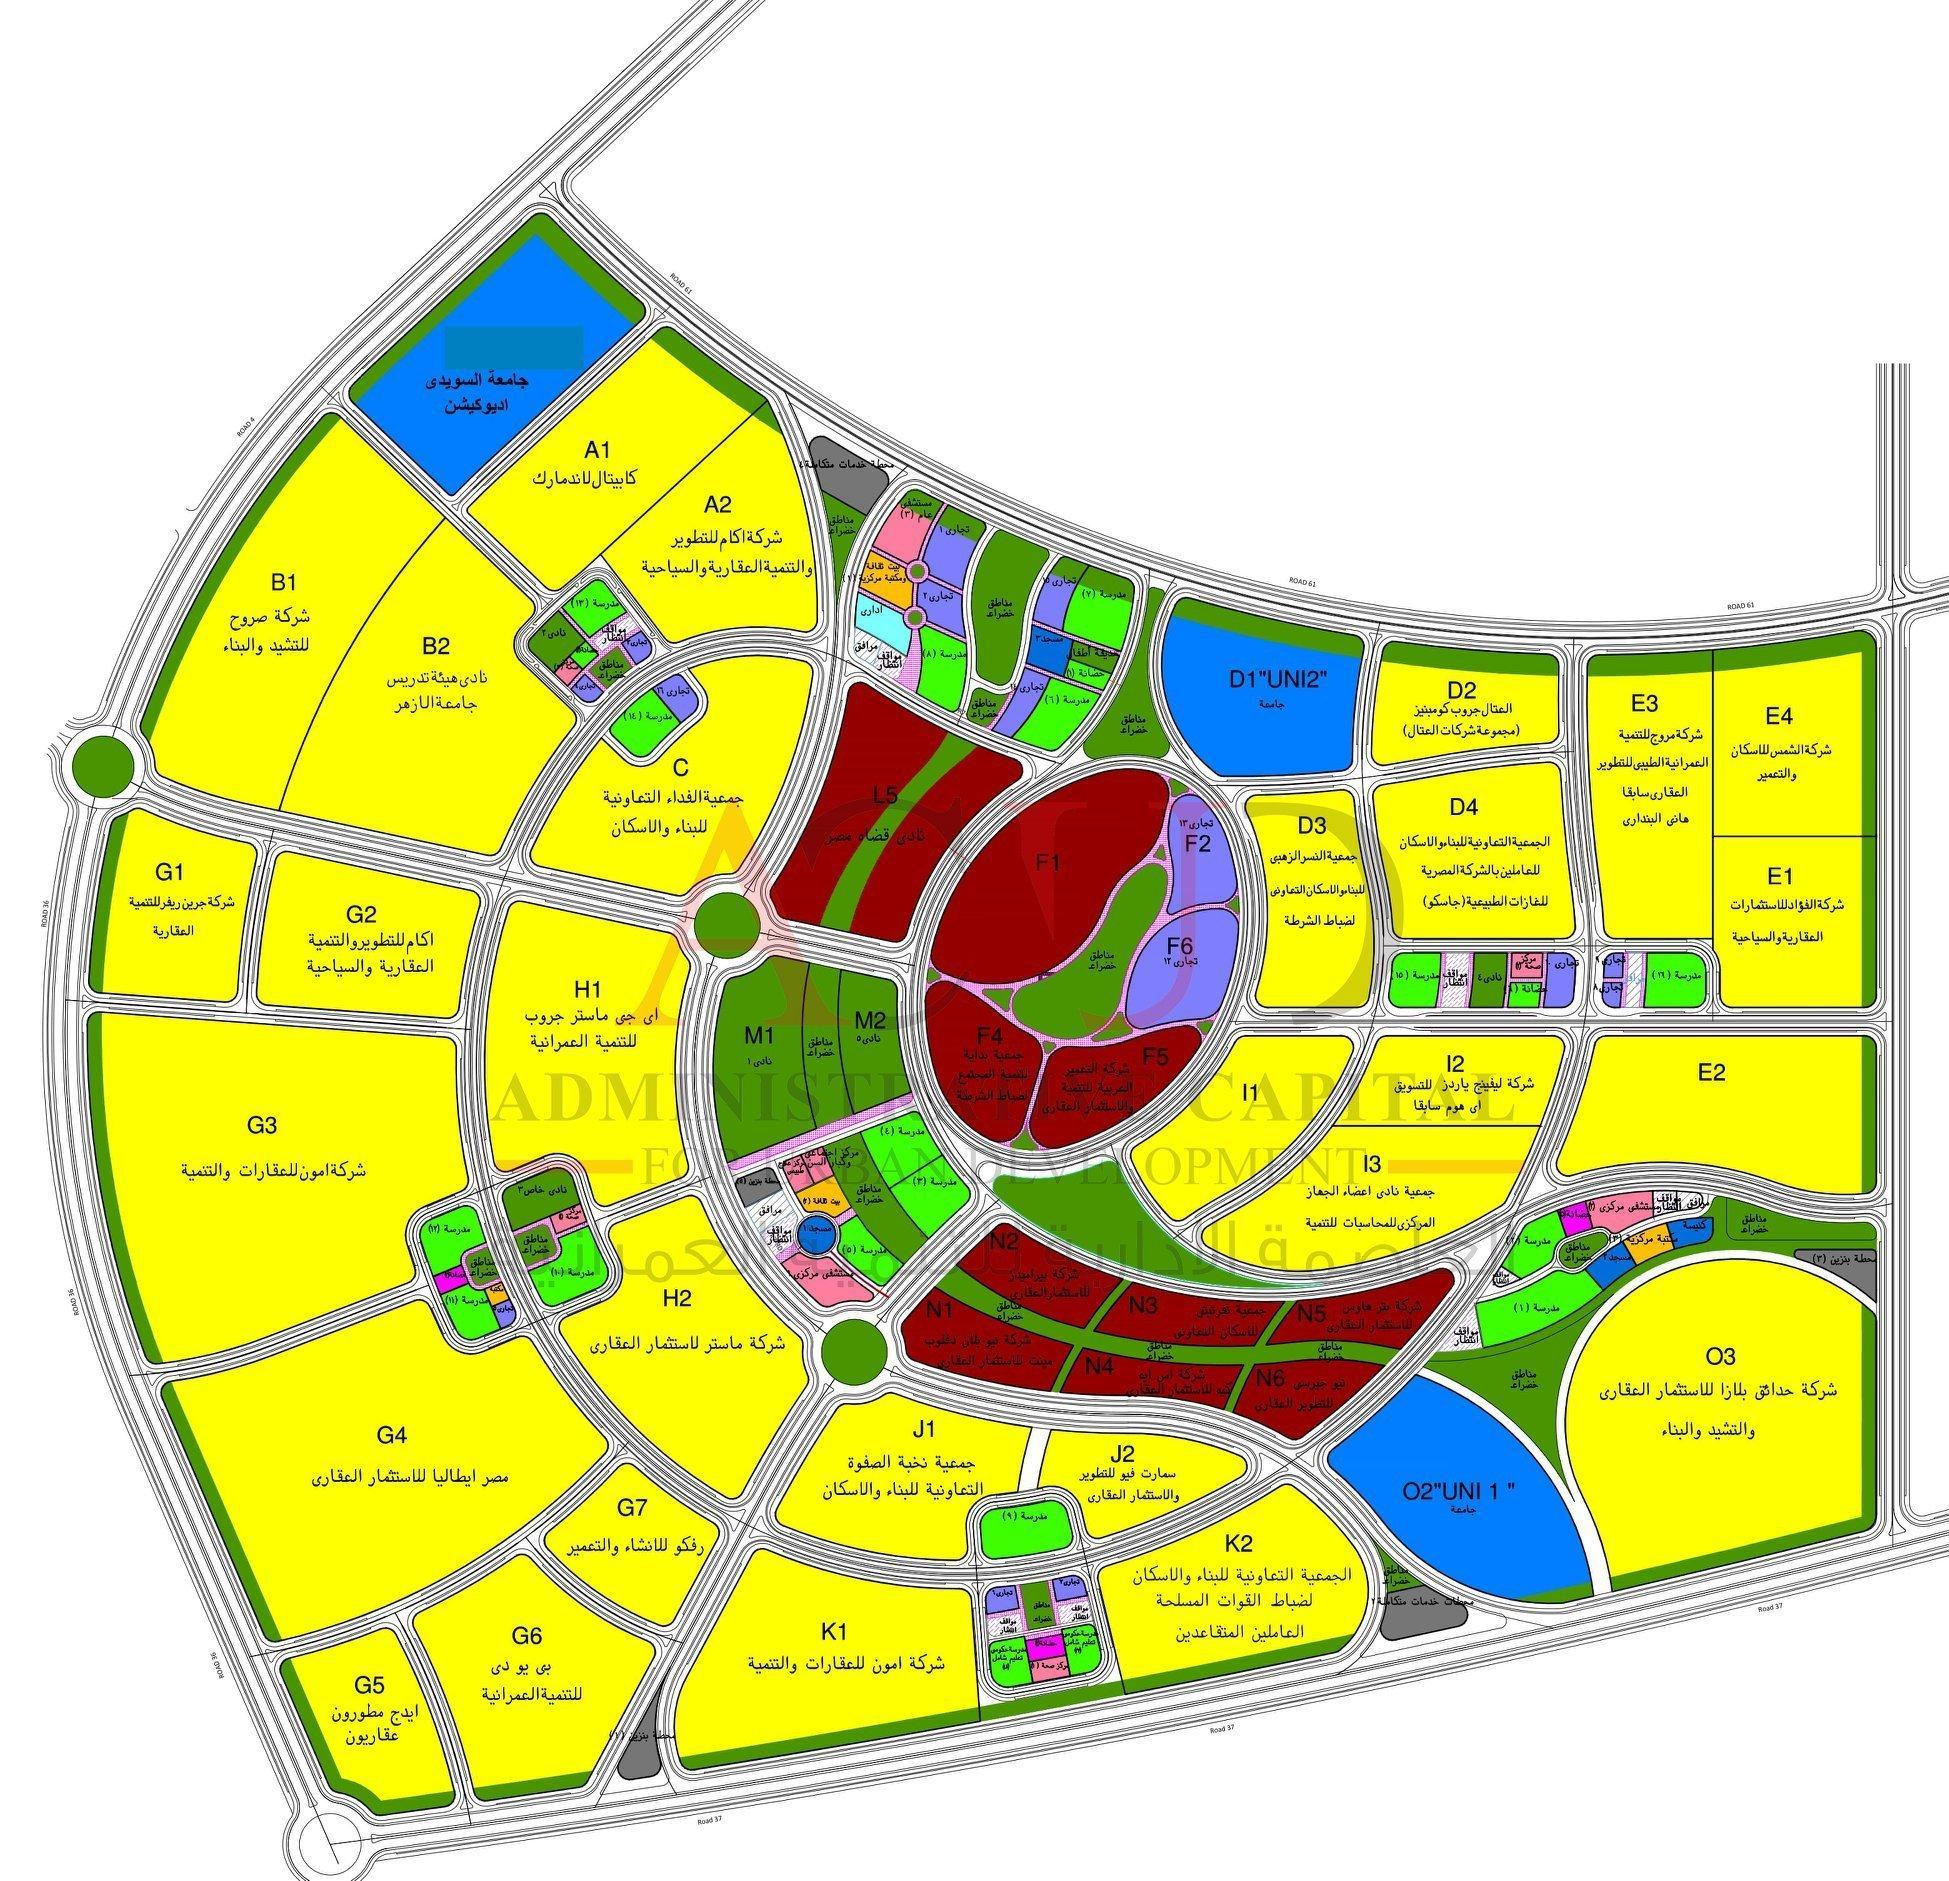 خريطة العاصمة الإدارية